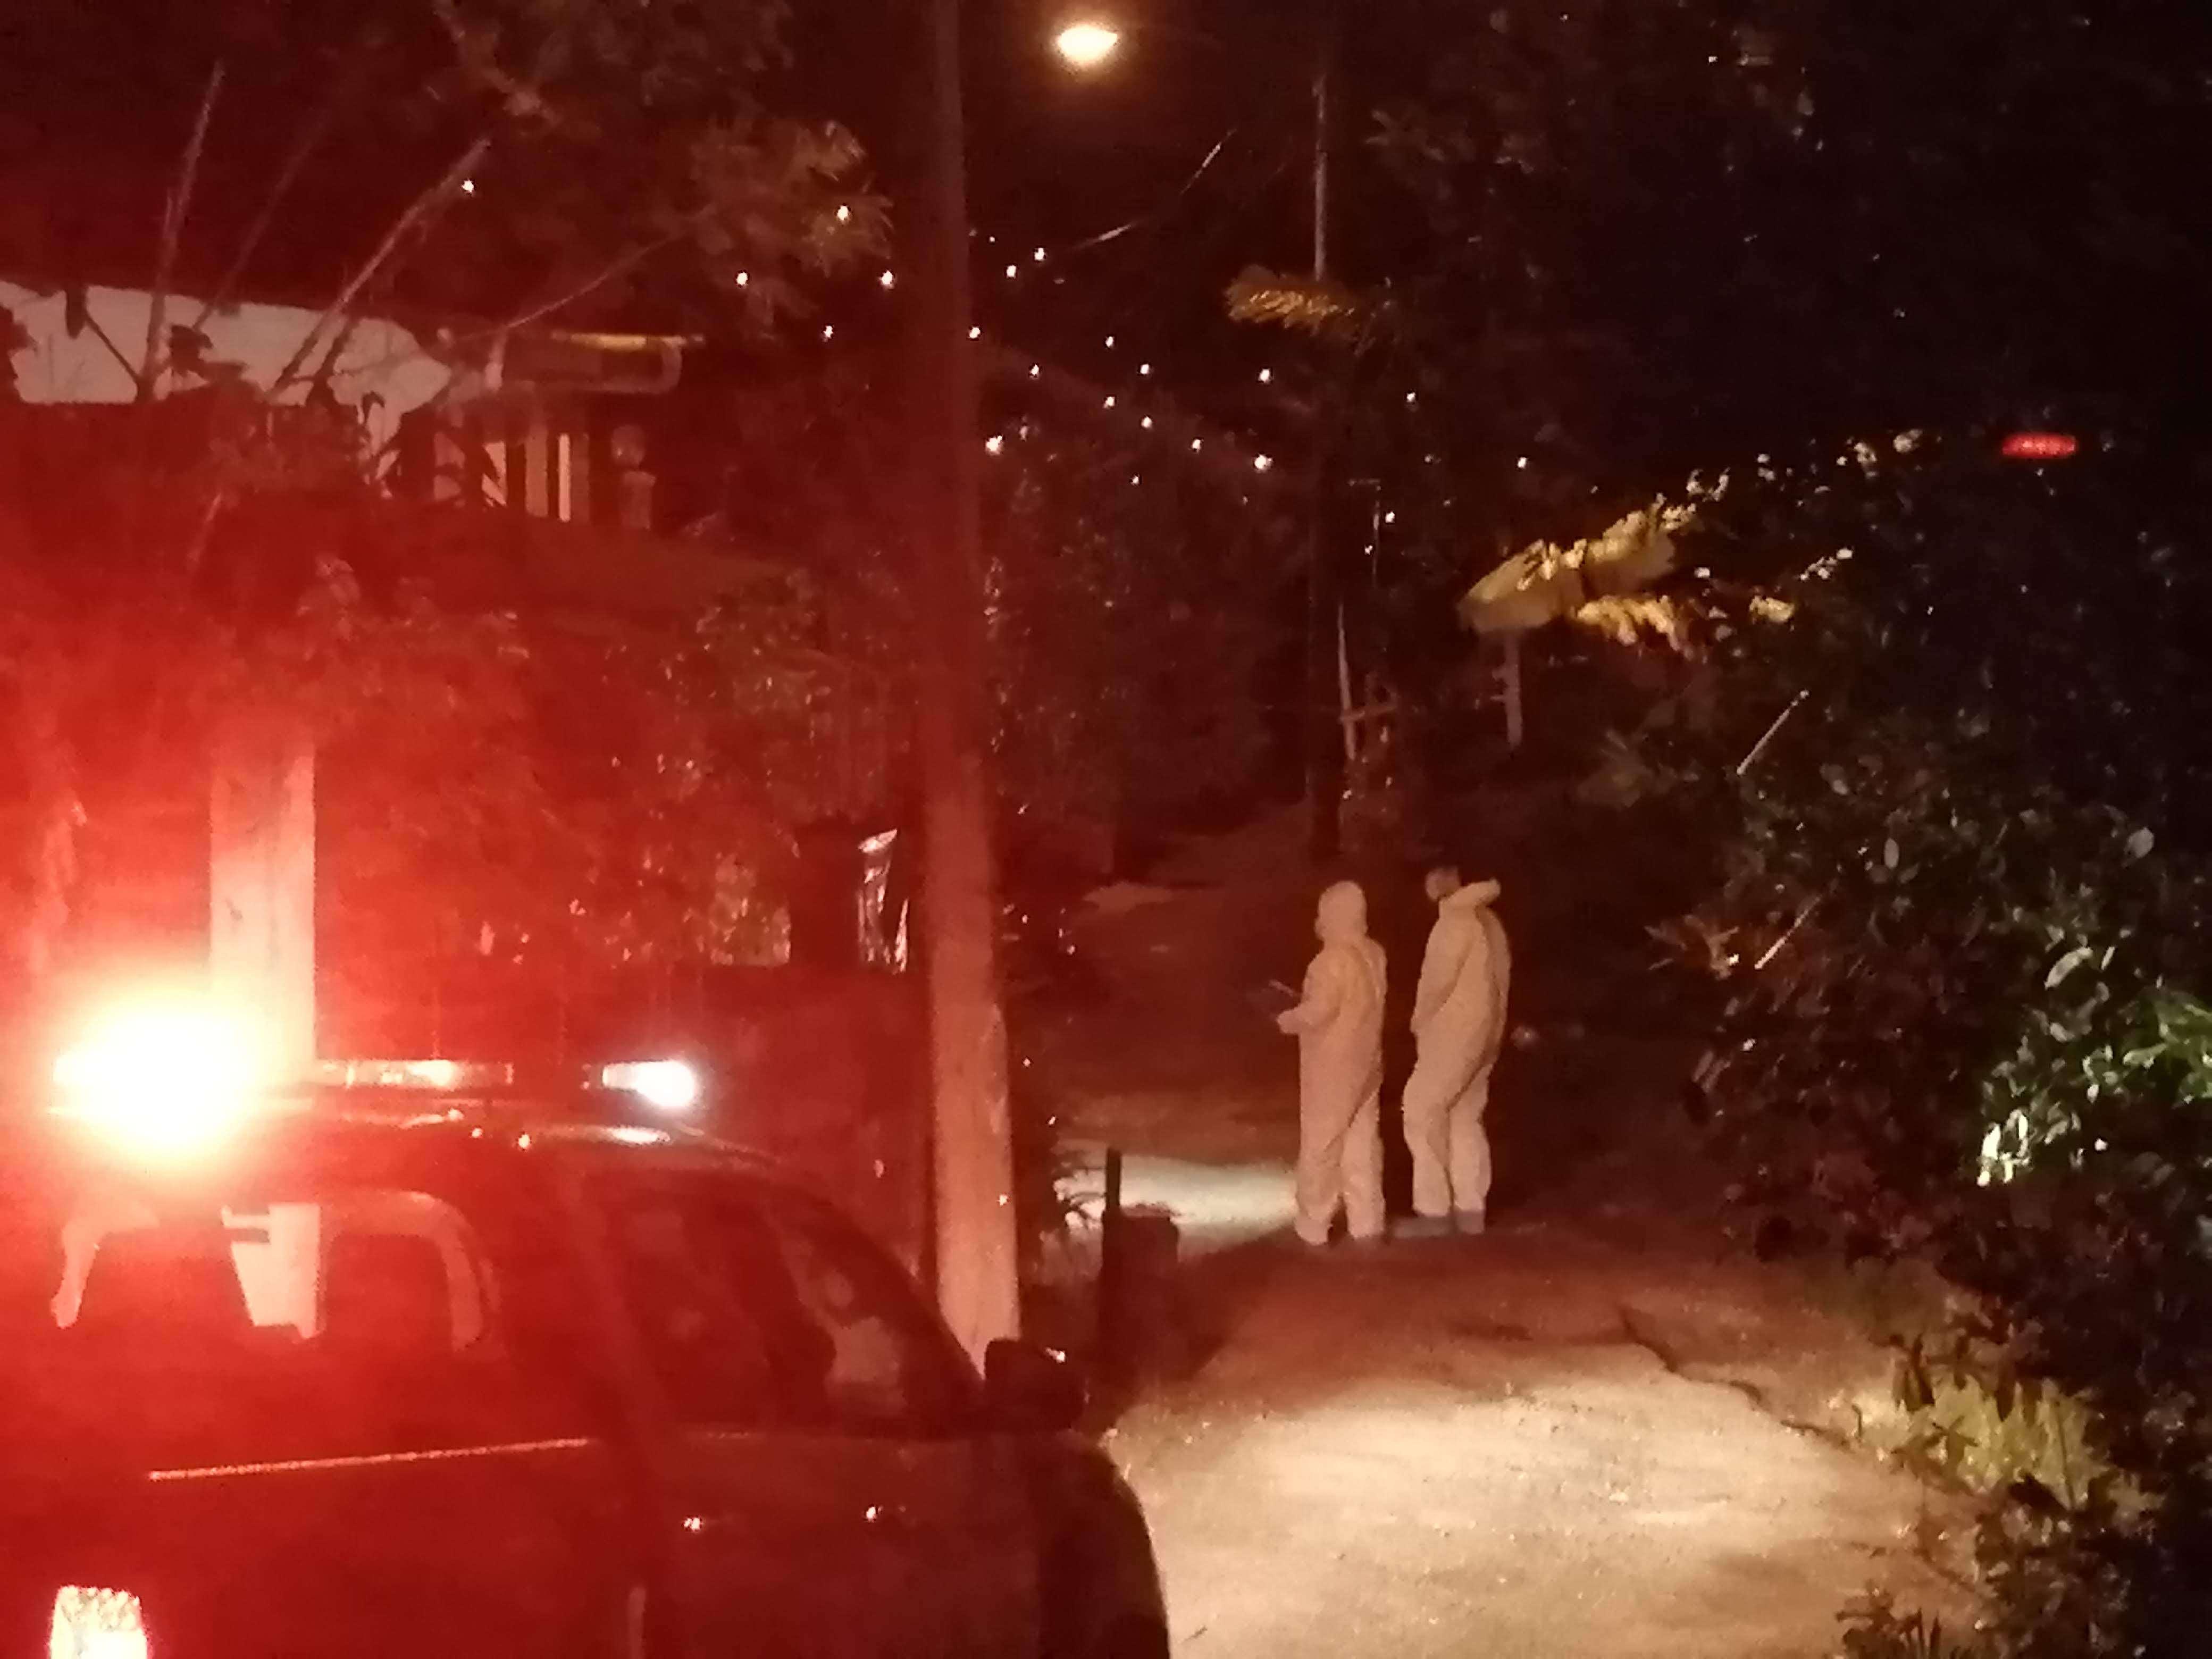 Un vecino mató al otro en medio de una discusión